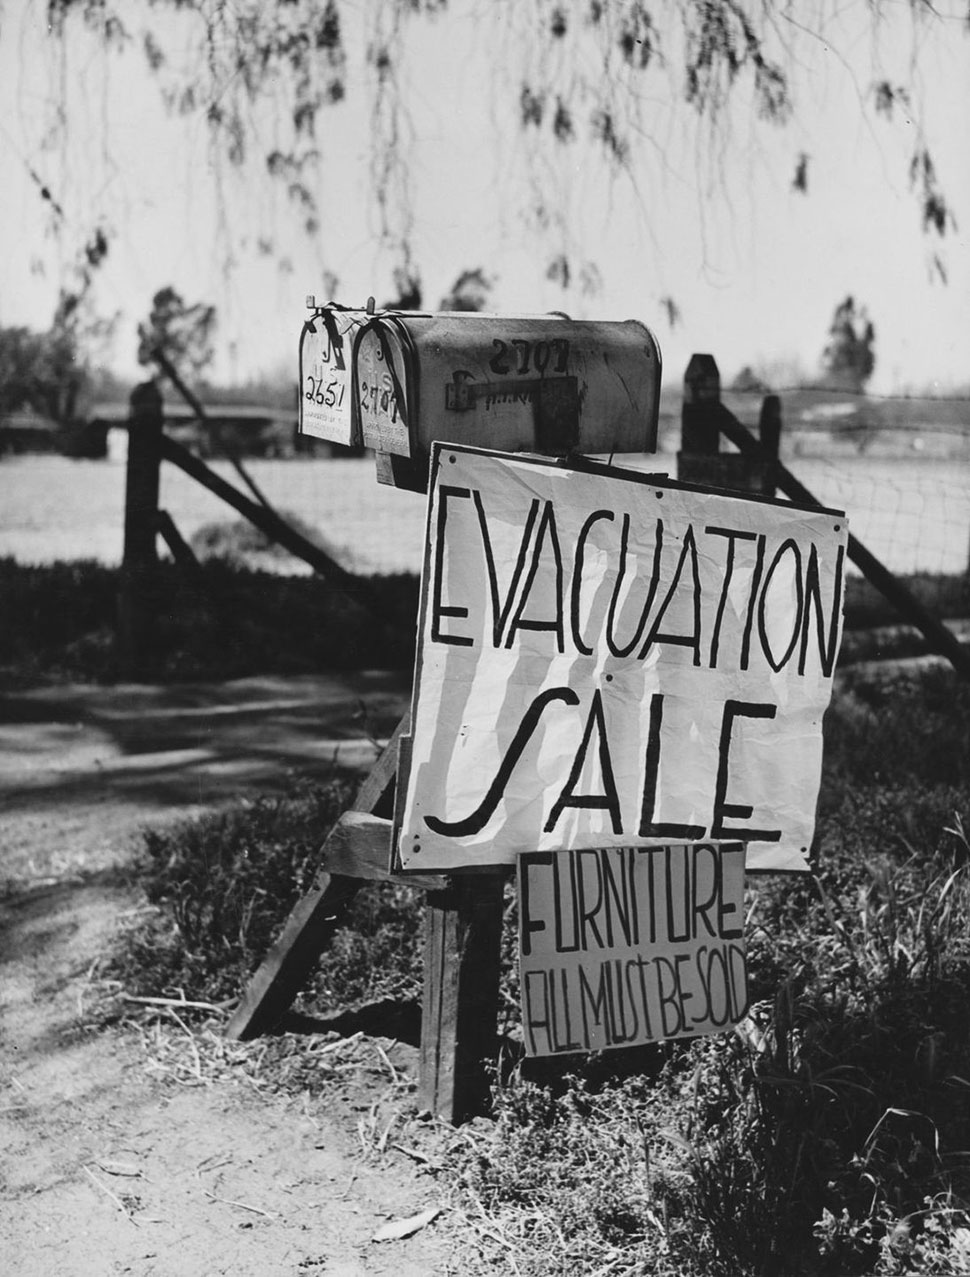 «Продажа по случаю эвакуации. Вся мебель должна быть продана».